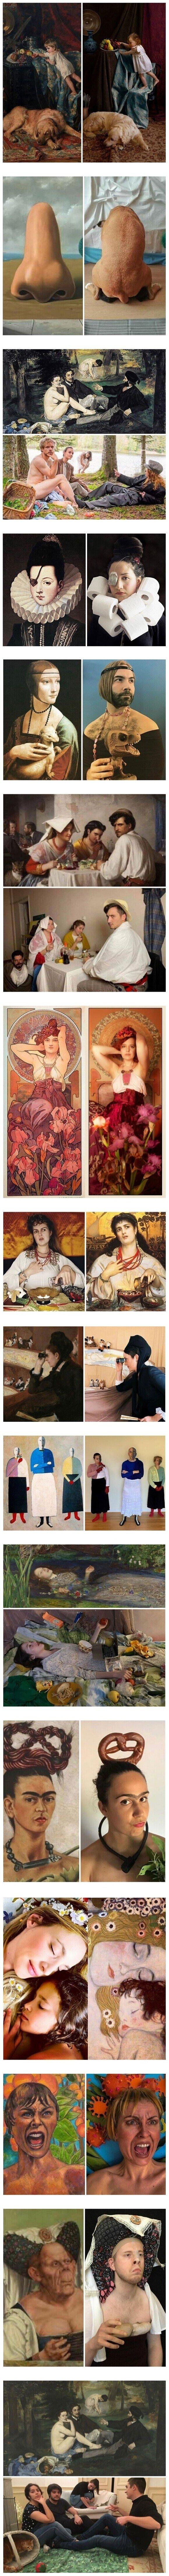 23084 - Recreaciones de pinturas hechas durante la cuarentena